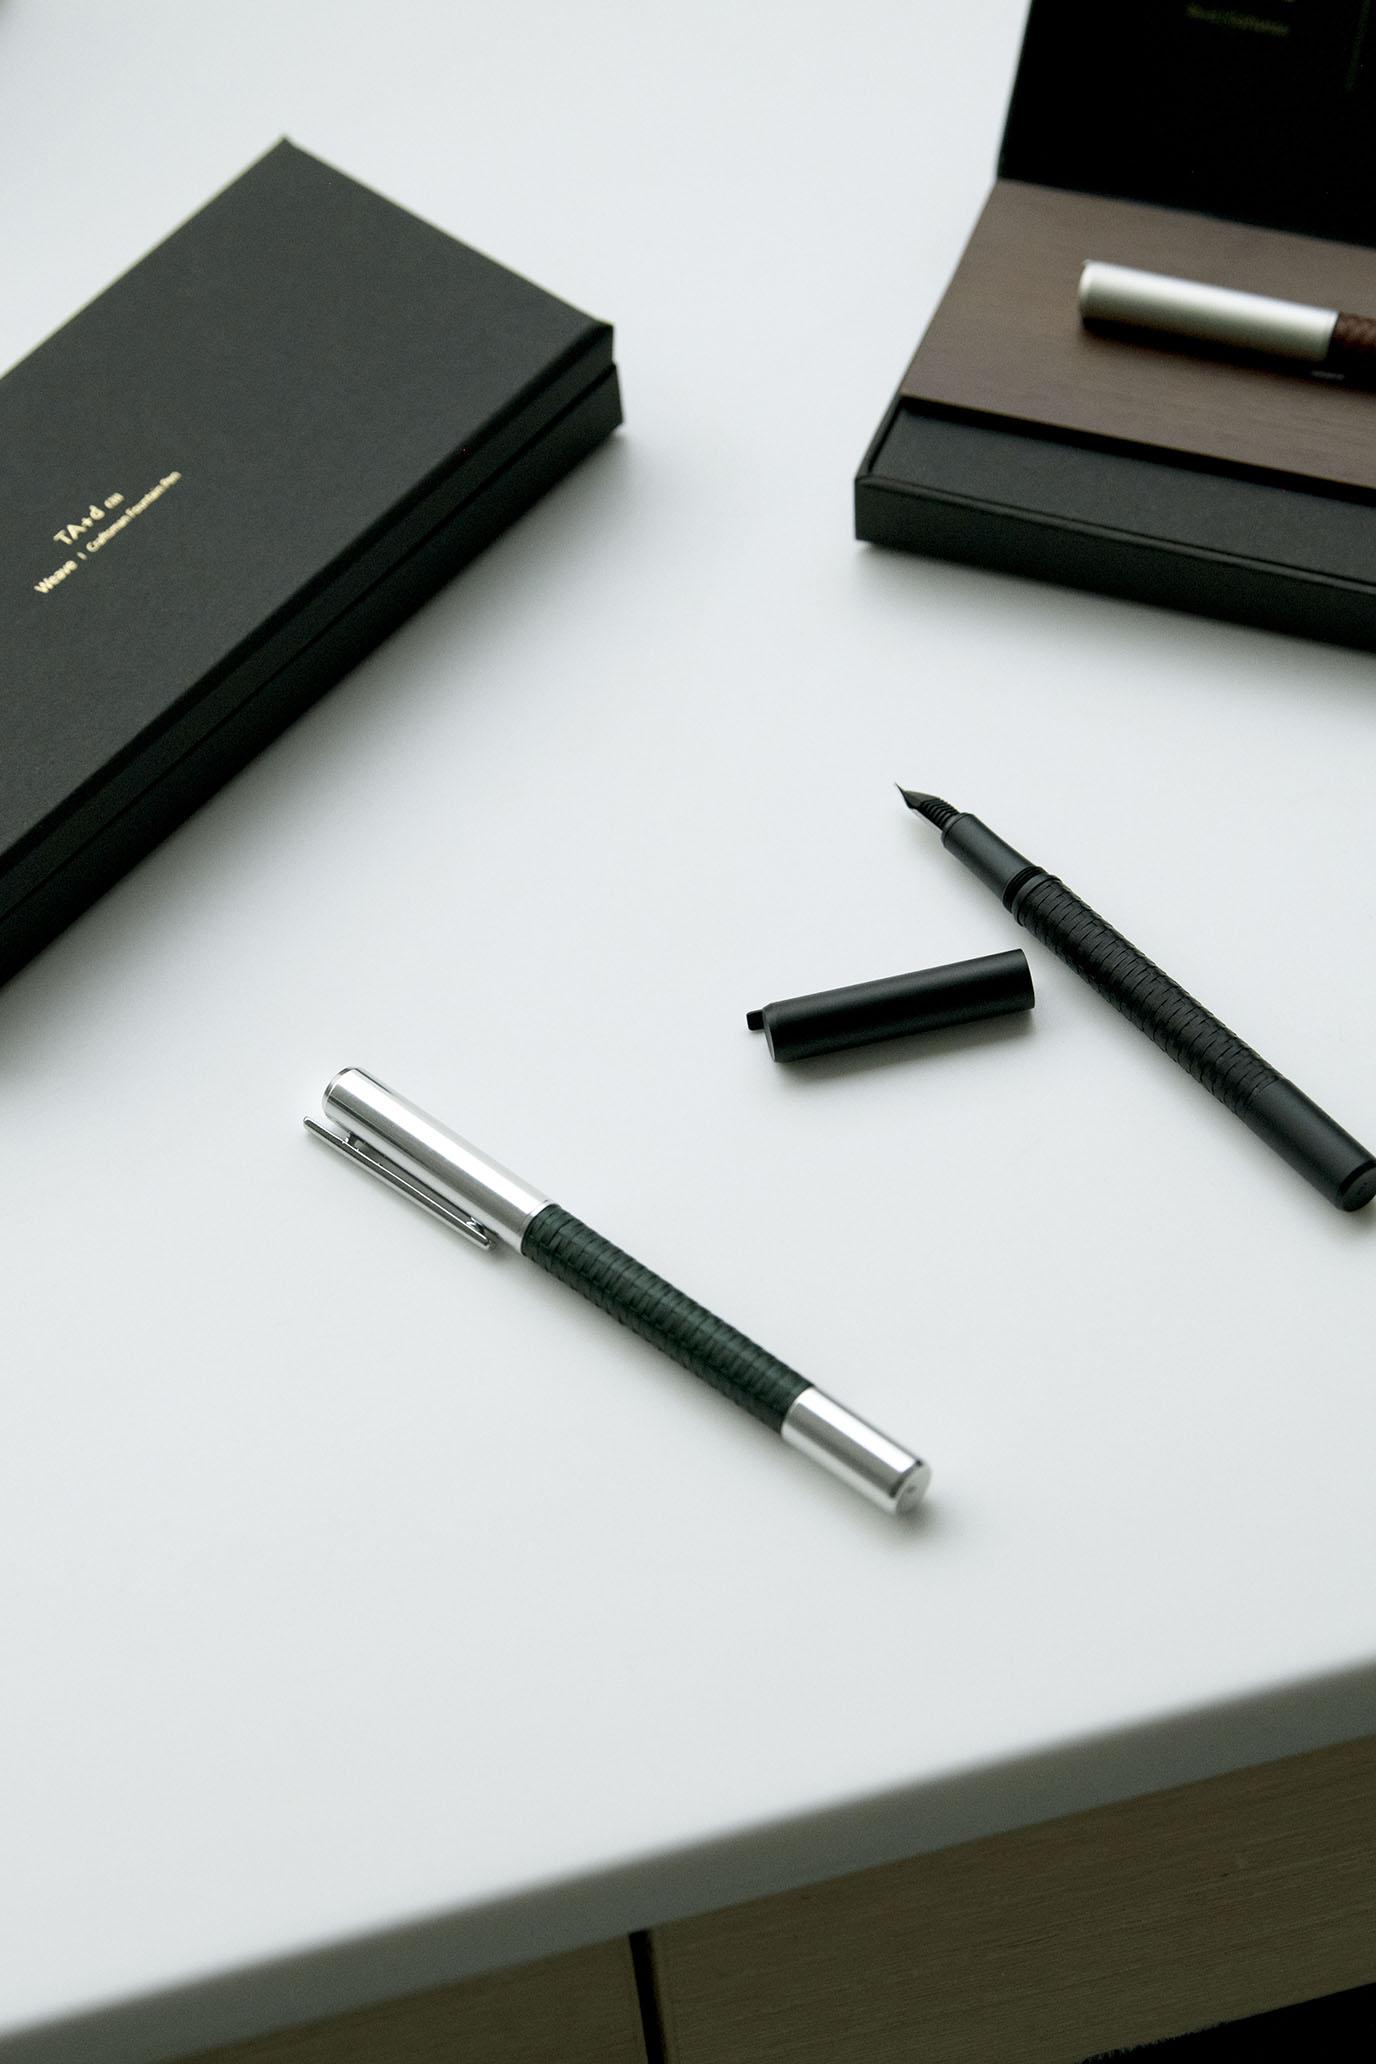 一筆在手,實現設計工作者的完美想像|TA+d 筆力尺+竹織鋼筆